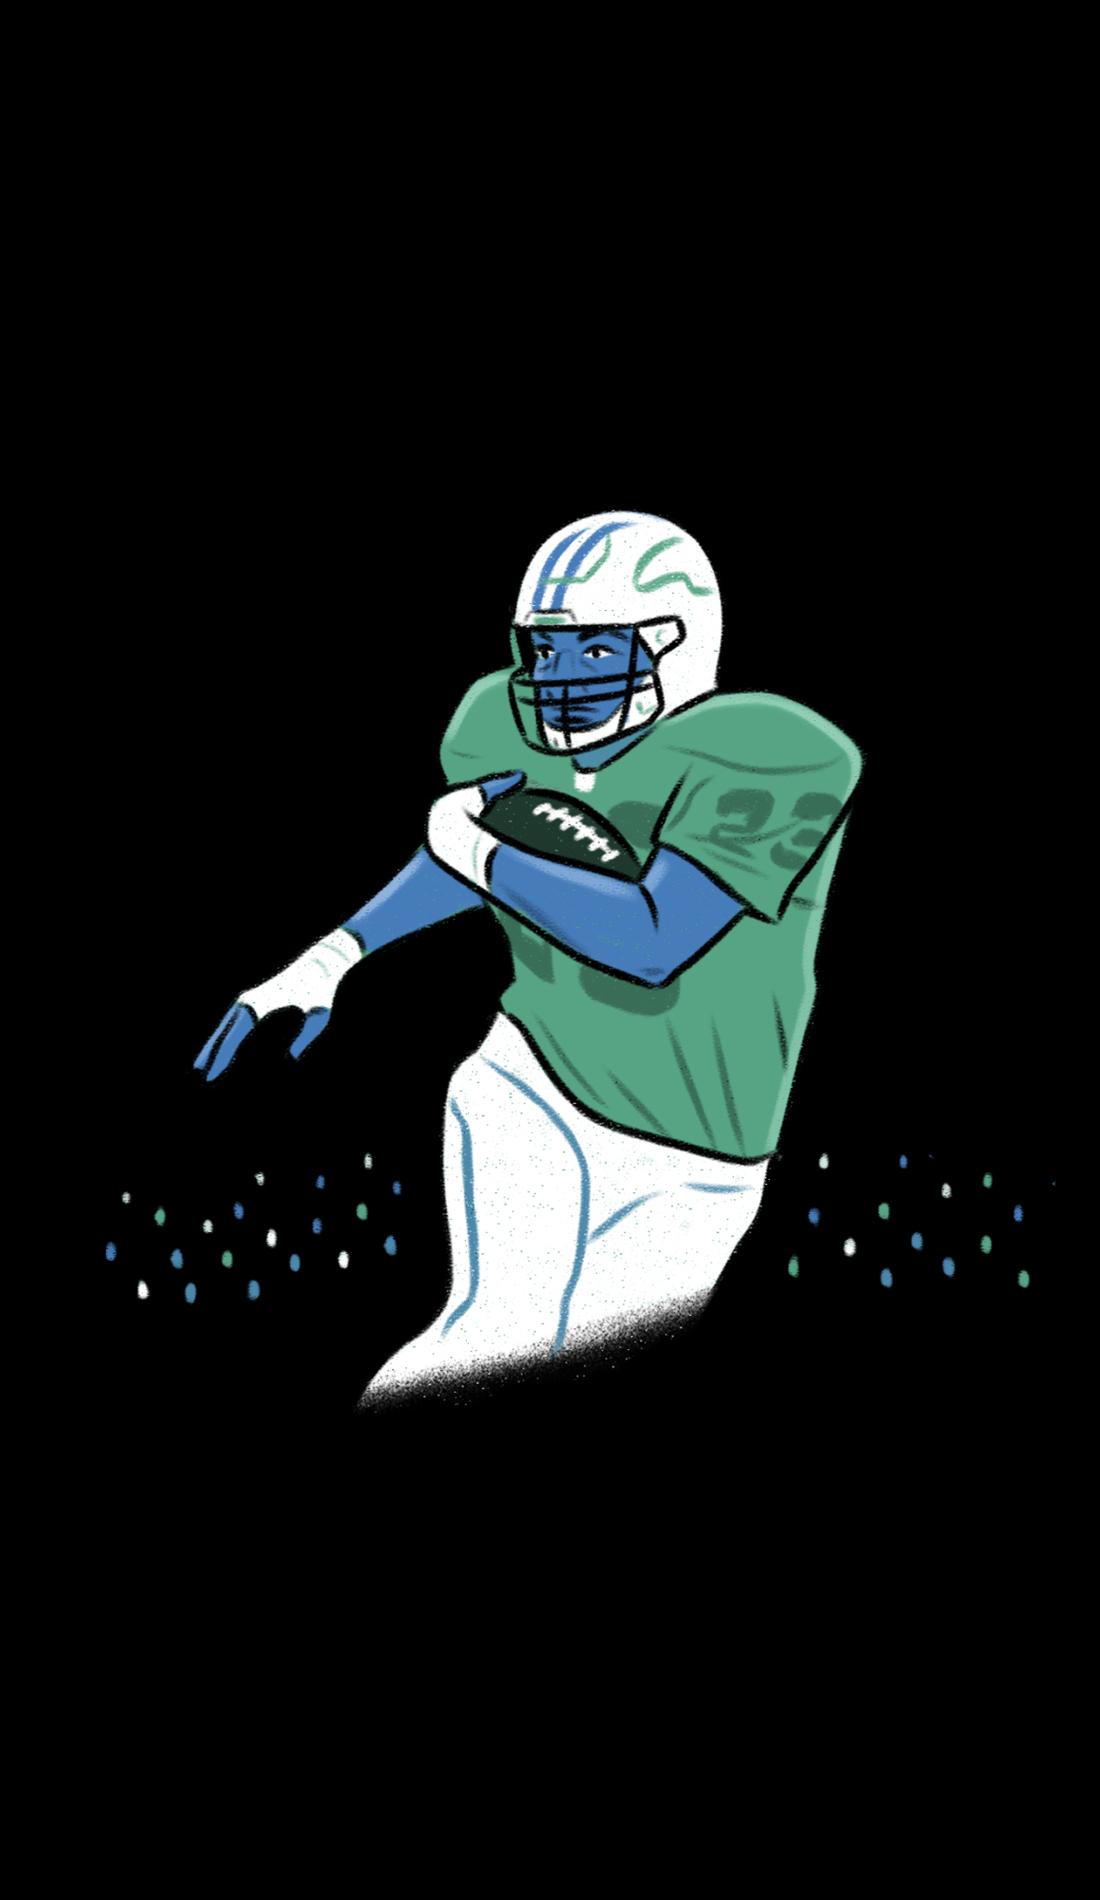 A SEC Football Championship live event